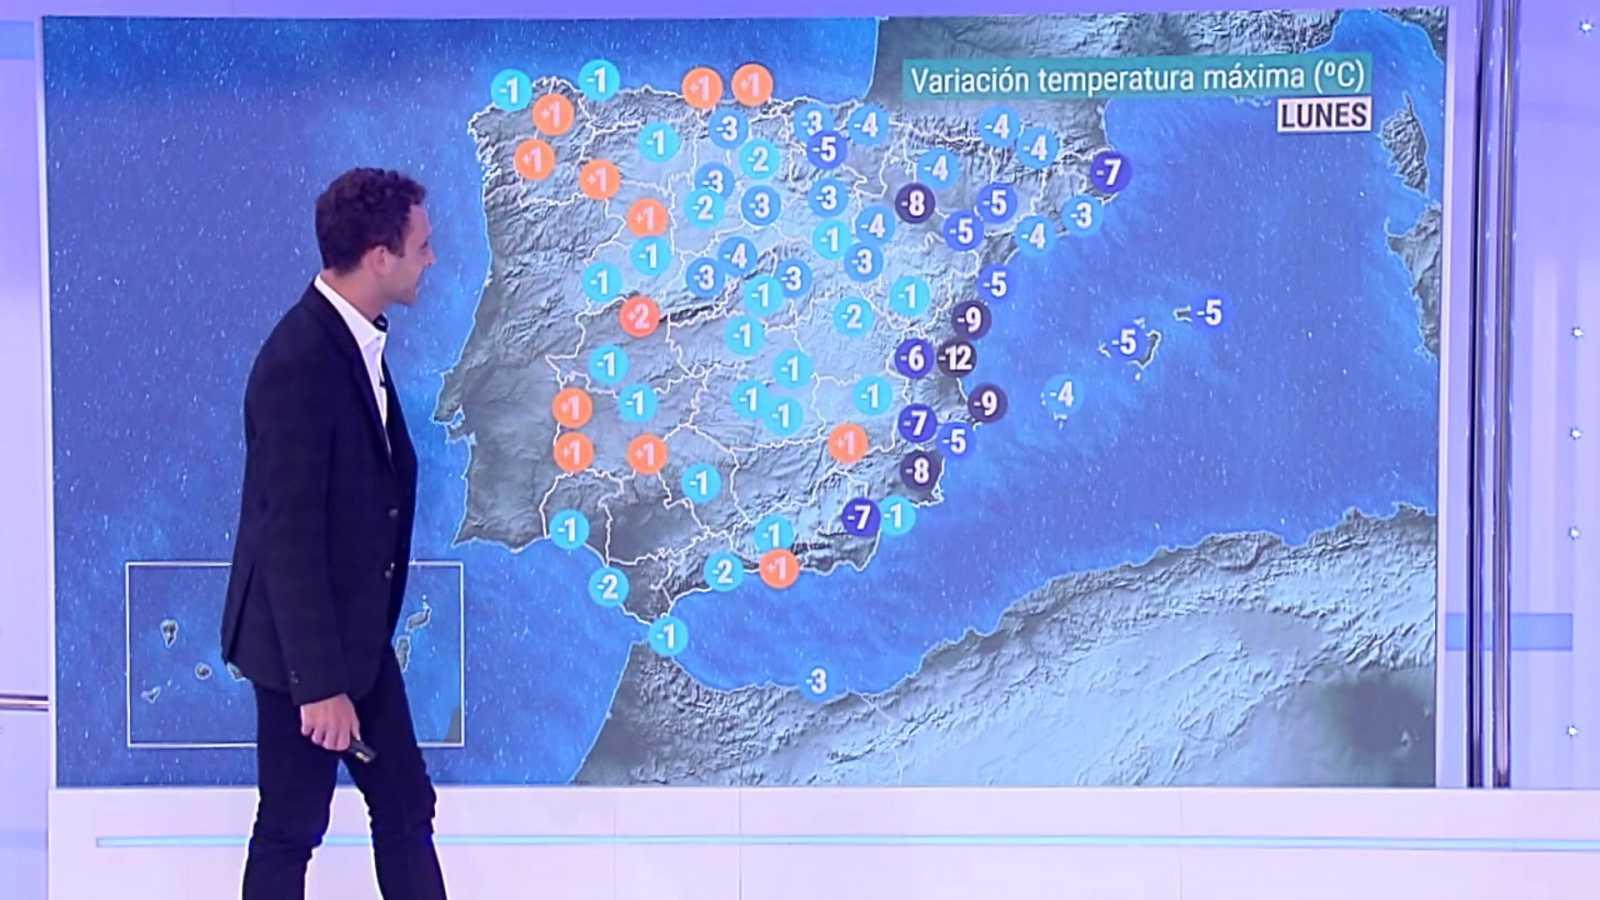 Temperaturas significativamente altas en el tercio sur peninsular y el área mediterránea. Intervalos de viento fuerte en Canarias - ver ahora